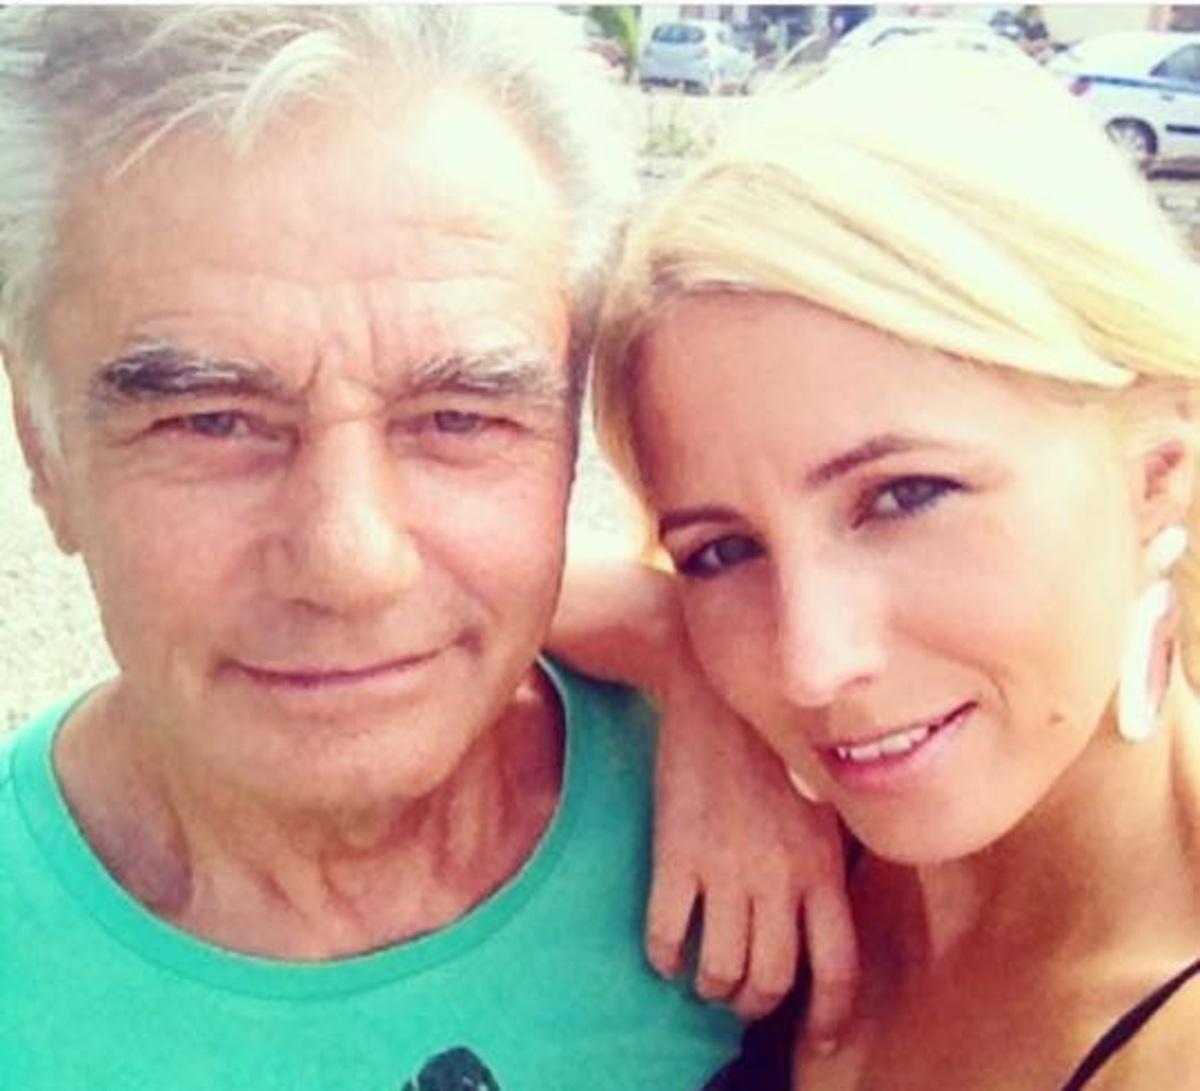 Κατερίνα Παπακωστοπούλου: Ραγίζει καρδιές τον αντίο στον πατέρα της που σκοτώθηκε πέφτοντας από δέντρο | Newsit.gr